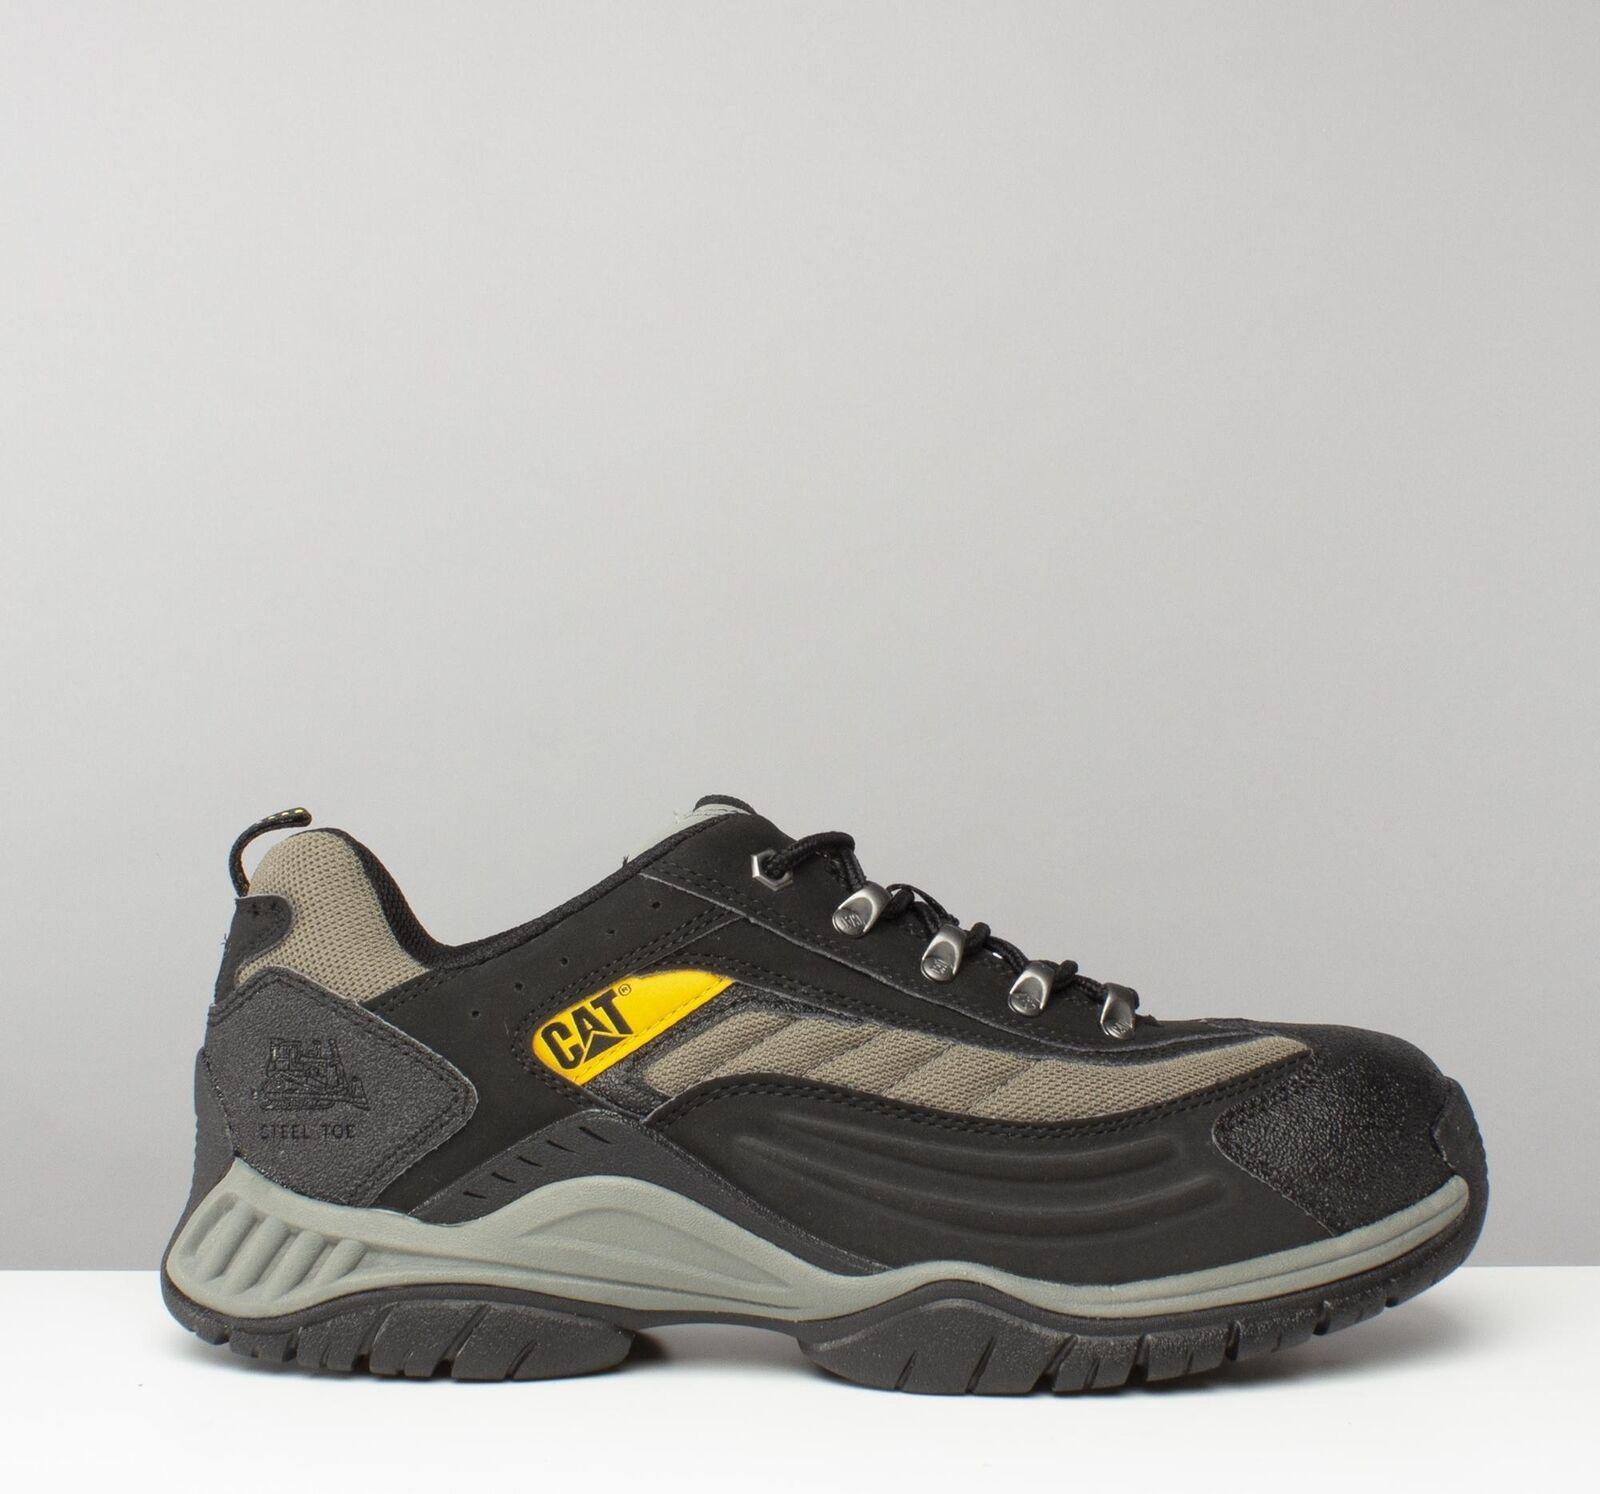 Caterpillar Páramo Seguridad Puntera De Acero Anti-Rozaduras Cap Zapatillas Zapatos CAT Negro Nuevo